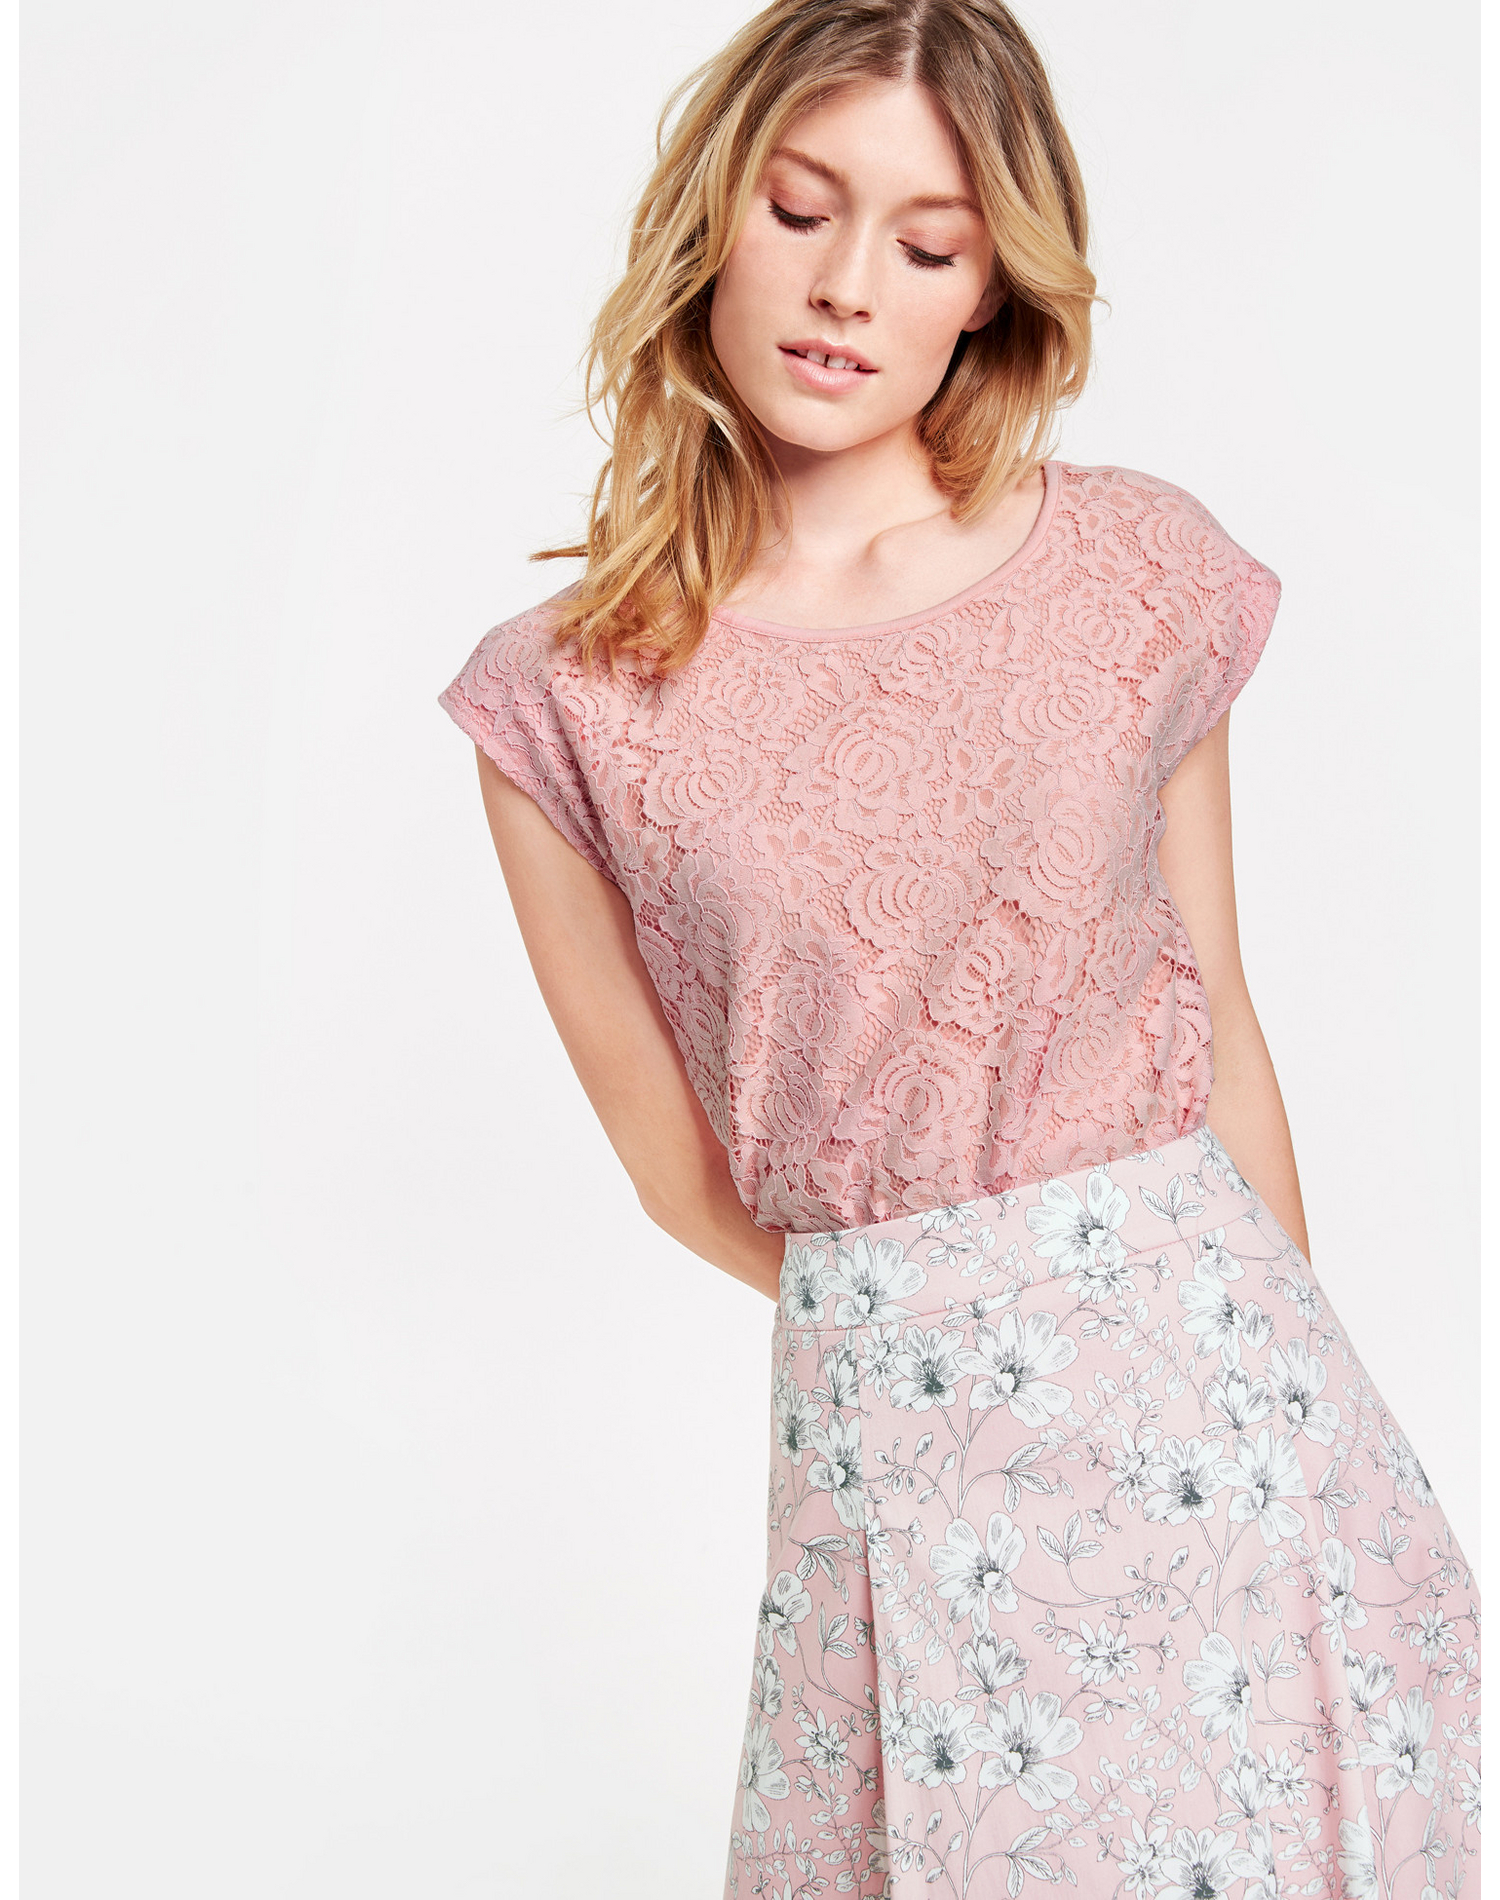 TAIFUN T-Shirt Kurzarm Rundhals in Pink günstig kaufen